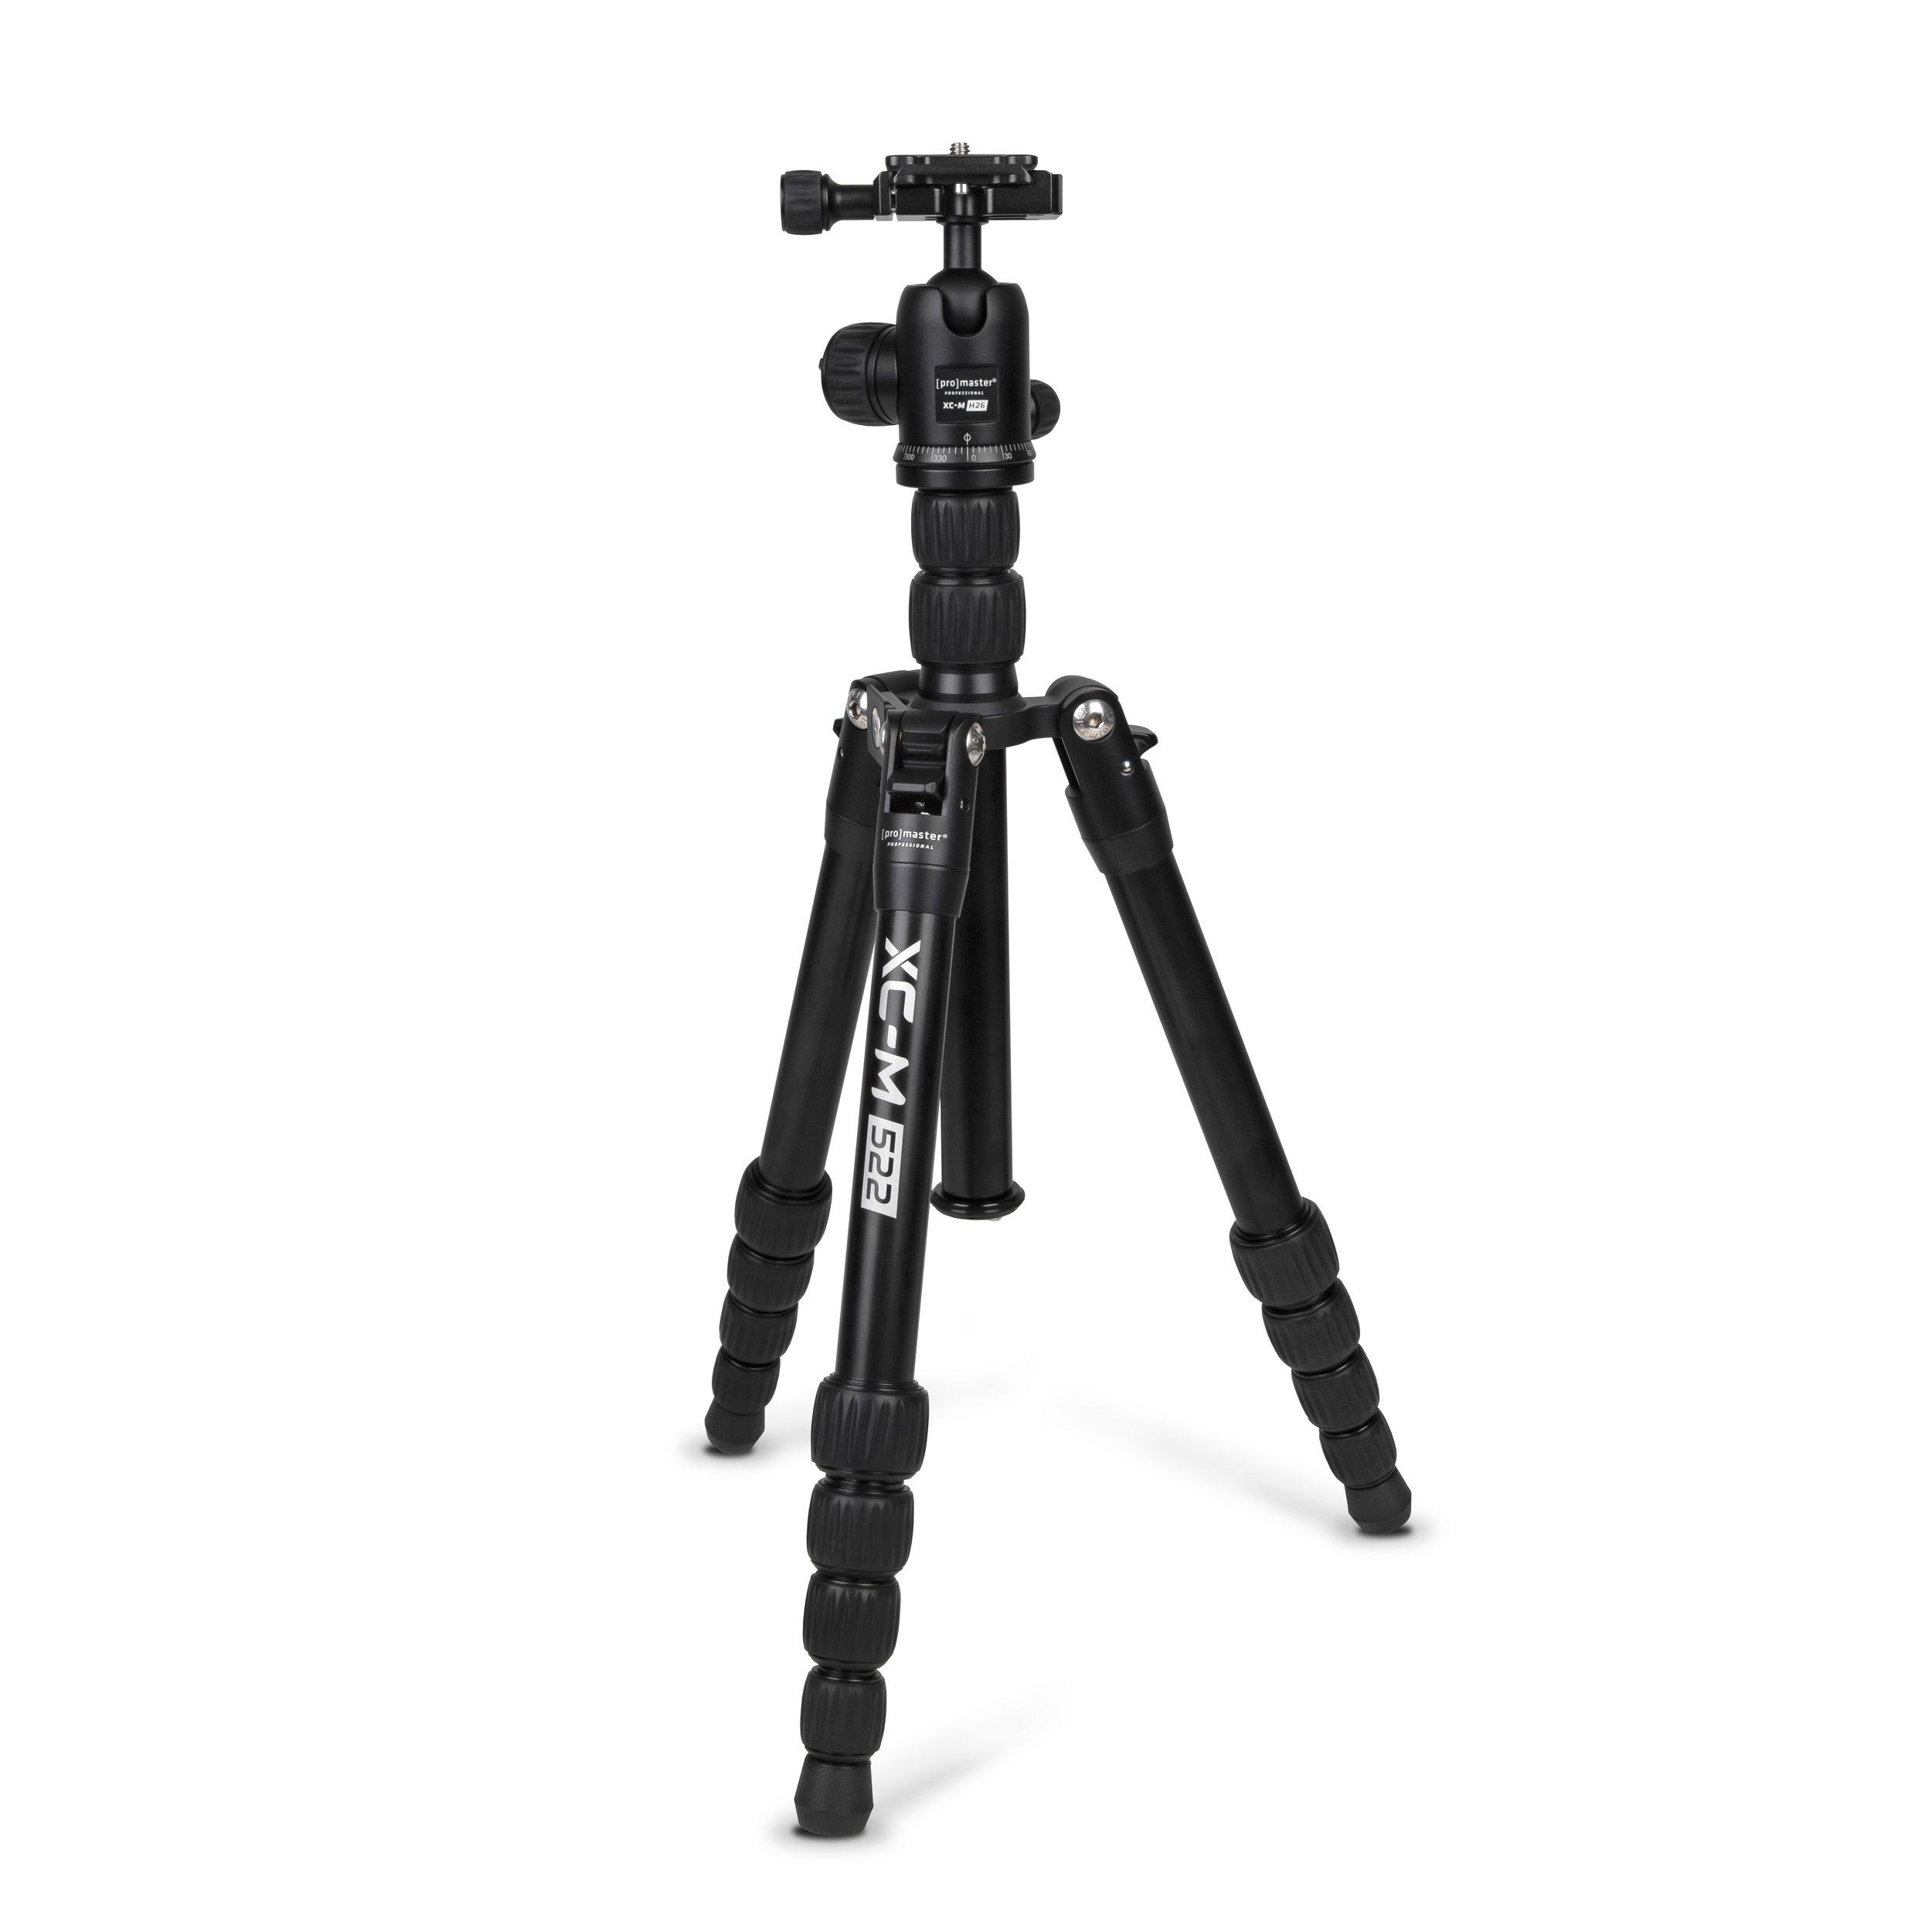 XC-M 522 ALUMINUM - BLACK   $159.95